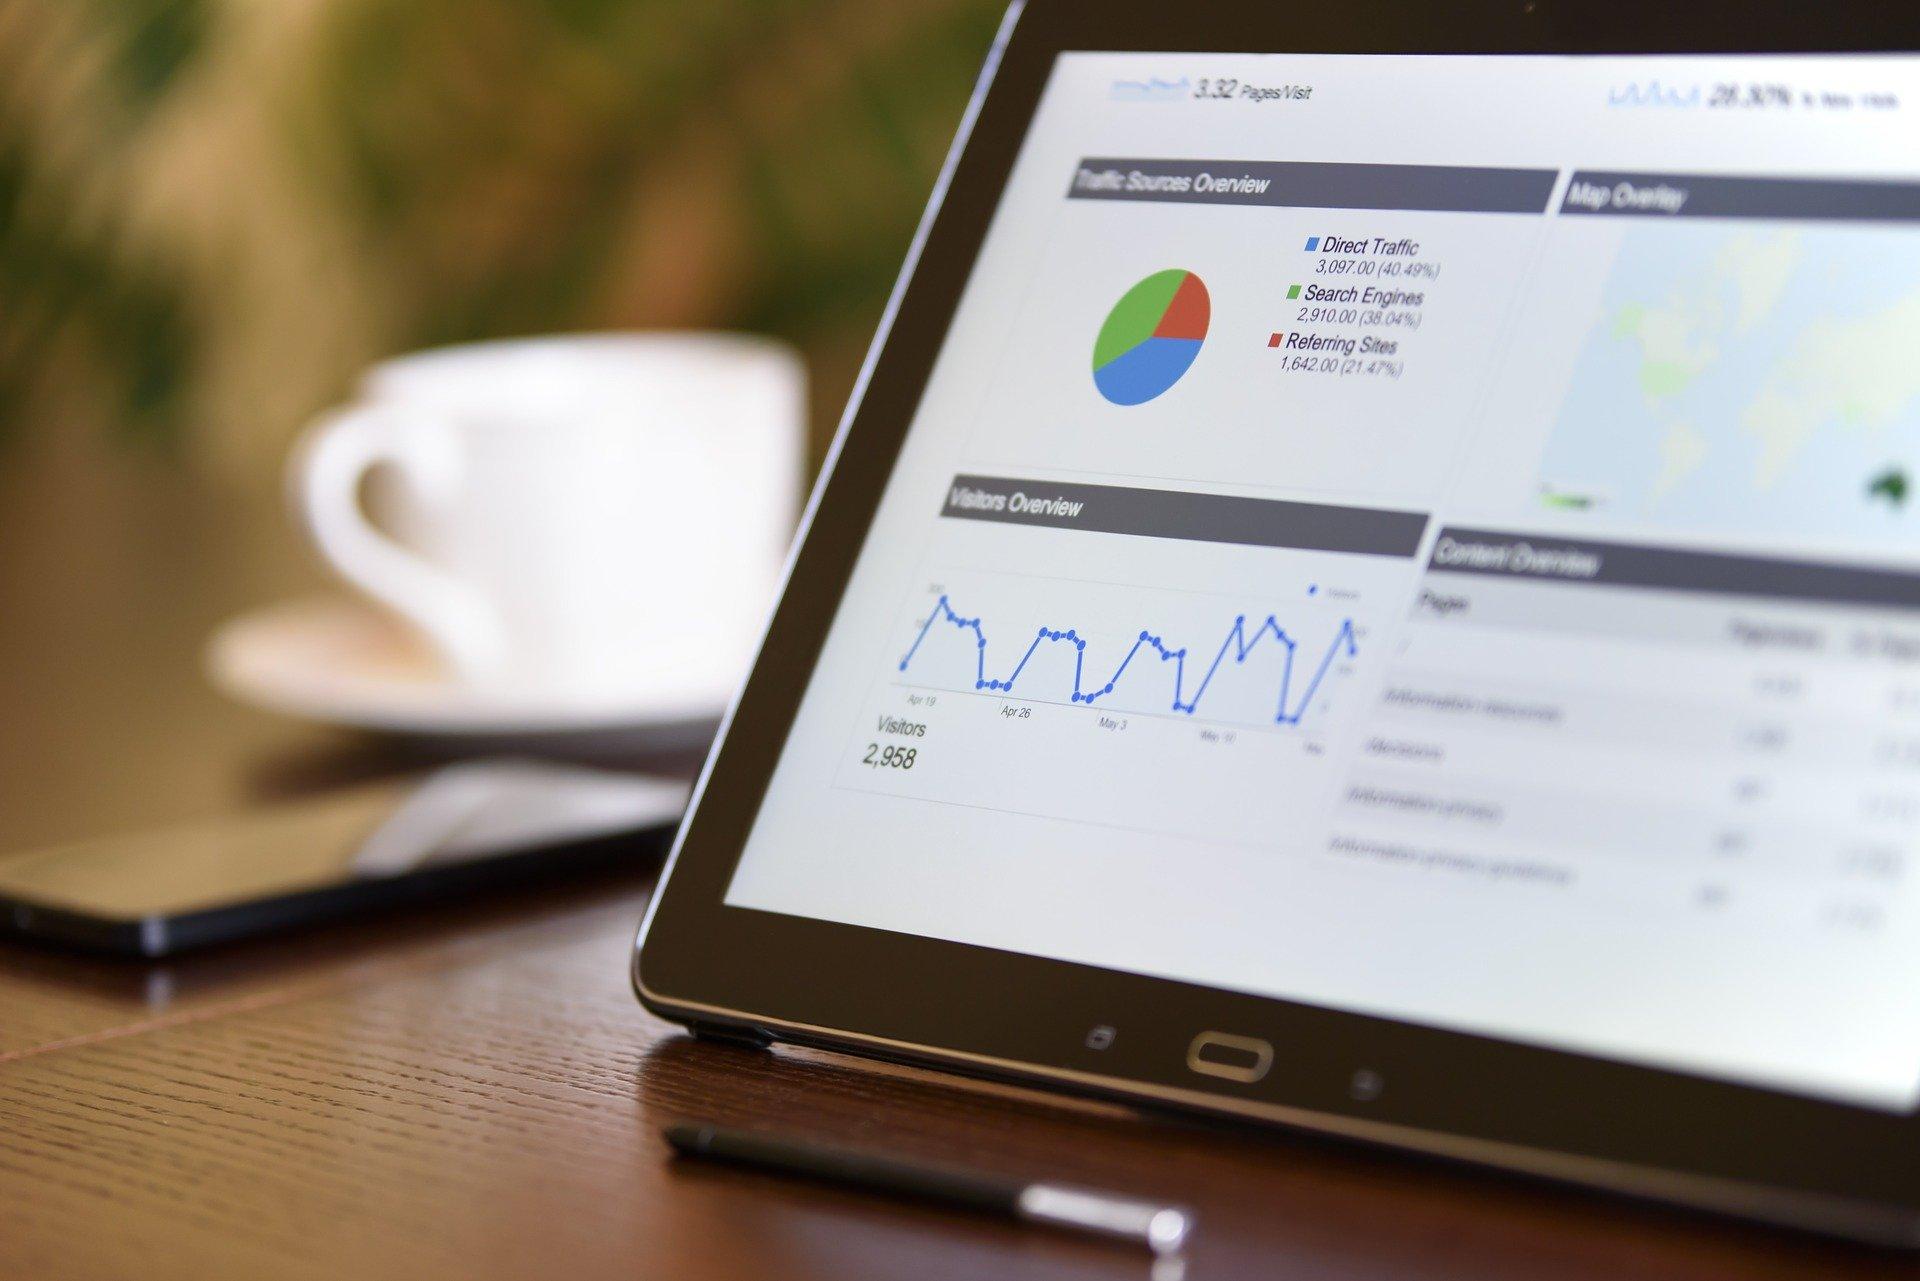 A weboldal látogatottságának javításához nem csak tartalmi, hanem technikai feltételek is kellenek